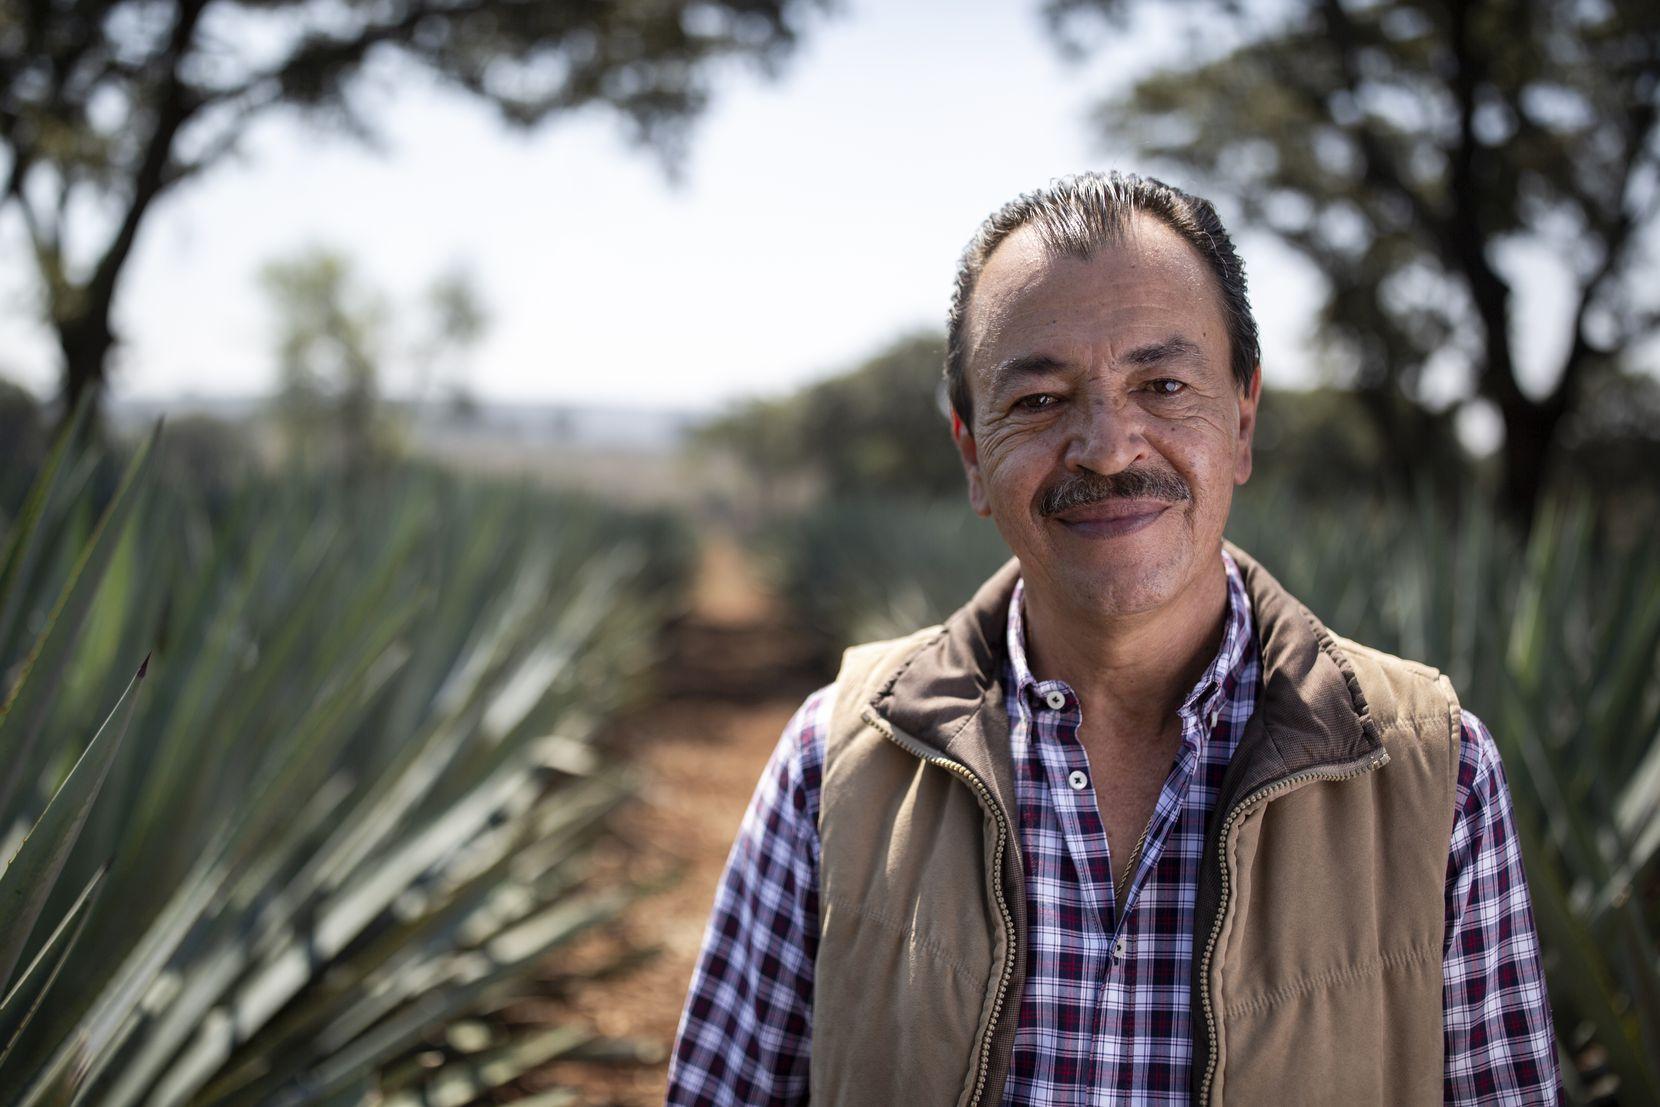 Carlos Camarena is master distiller at La Altena Distillery in the Jalisco highlands.